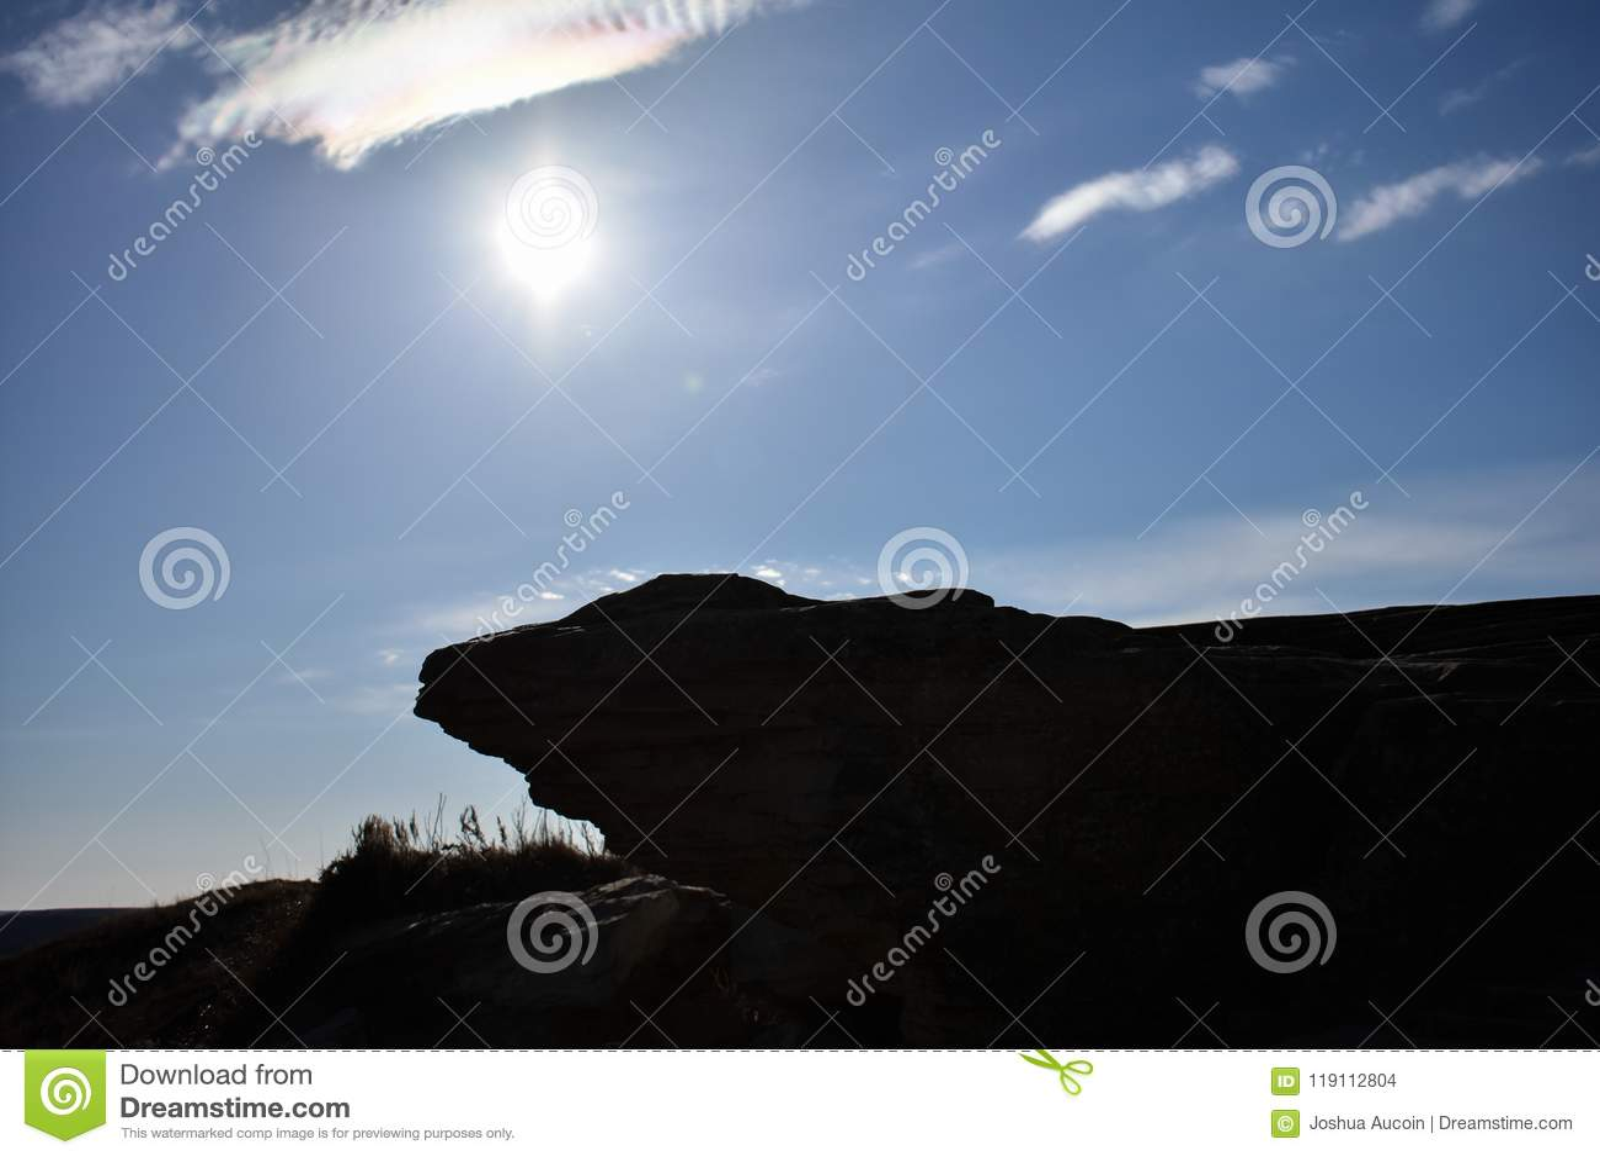 Una silueta de un pequeño borde del acantilado asoma sobre una trayectoria de la naturaleza